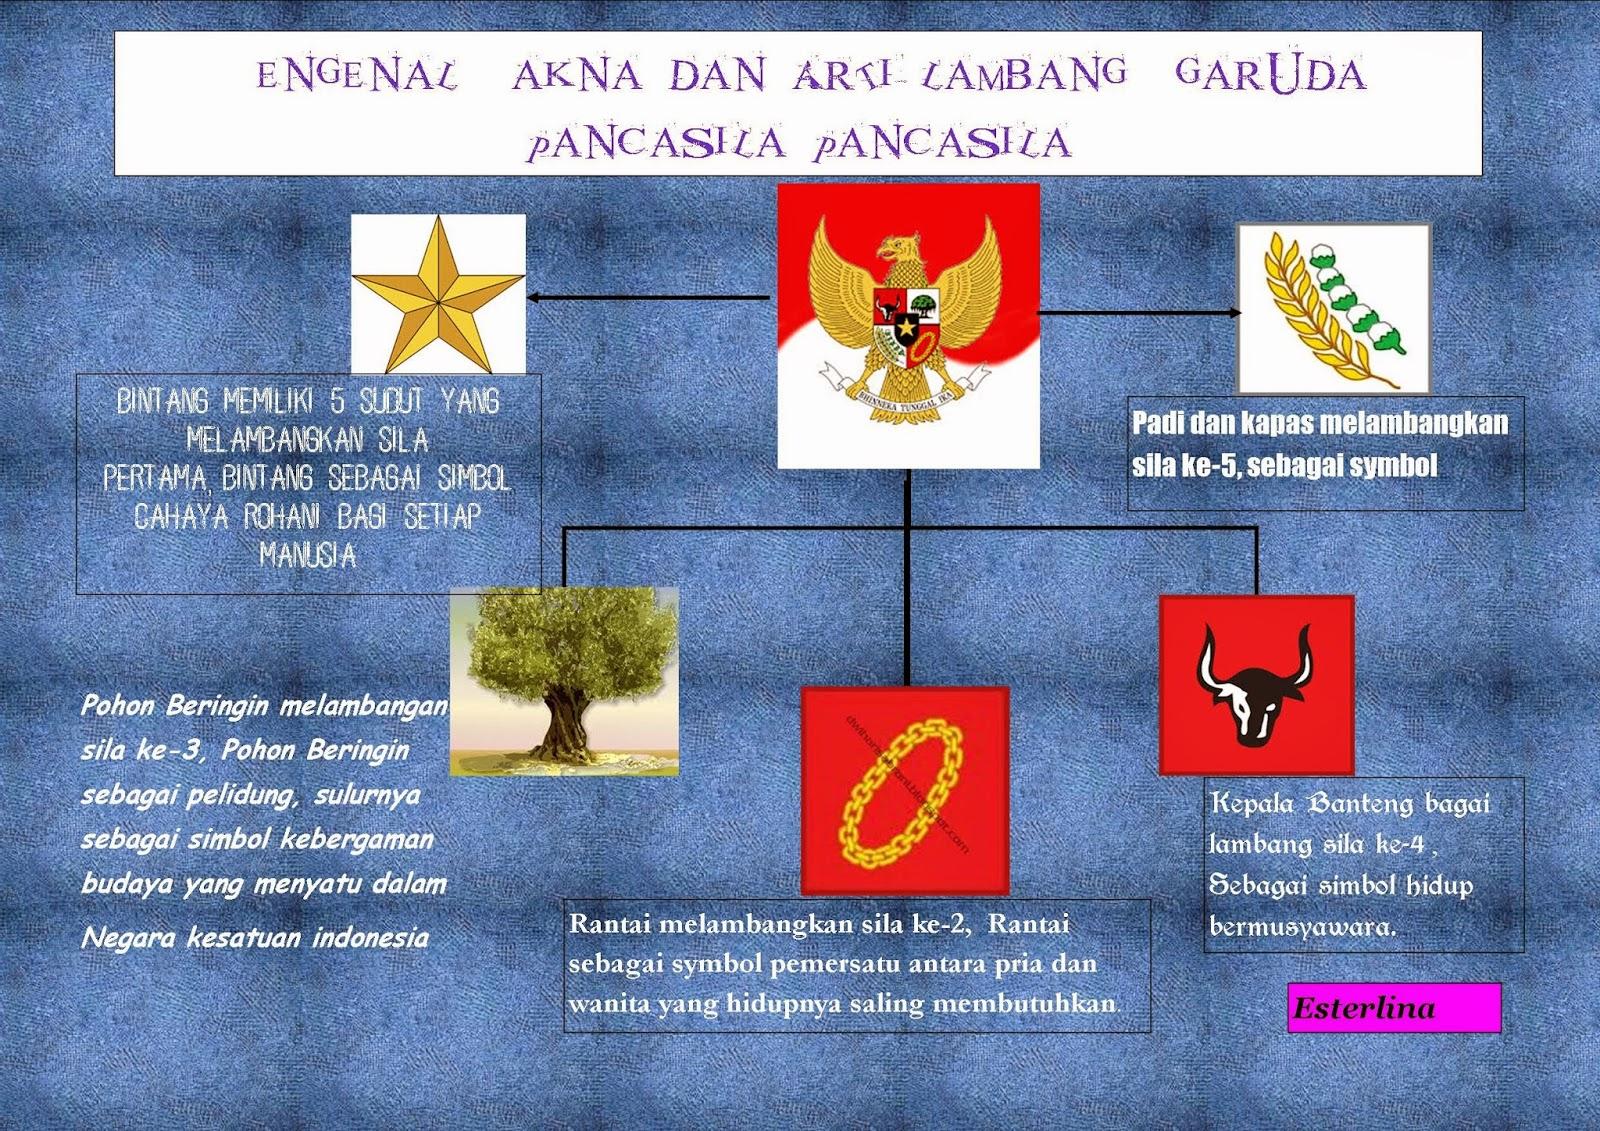 Pembelajaran Aktif Dan Inovatif Poster Mengenal Makna Dan Arti Lambang Garuda Pancasila Untuk Sd Kelas 2